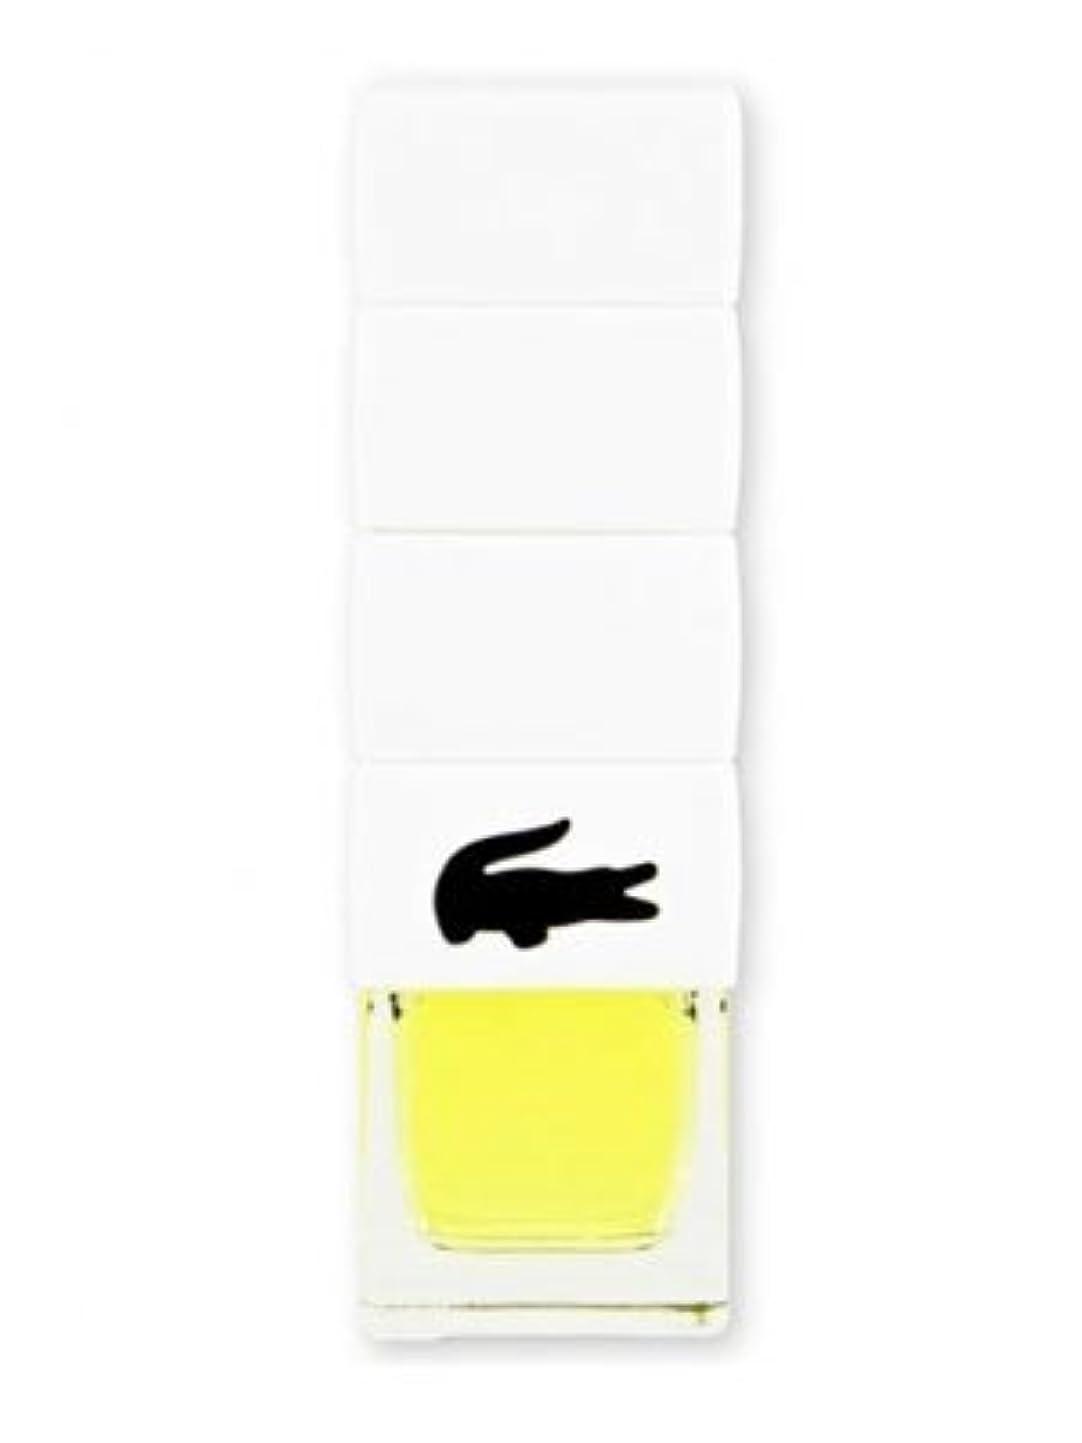 数相続人ミュージカルLacoste Challenge Re/Fresh (ラコステ チャレンジ リ/フレッシュ) 2.5 oz (75ml) EDT Spray by Lacoste for Men